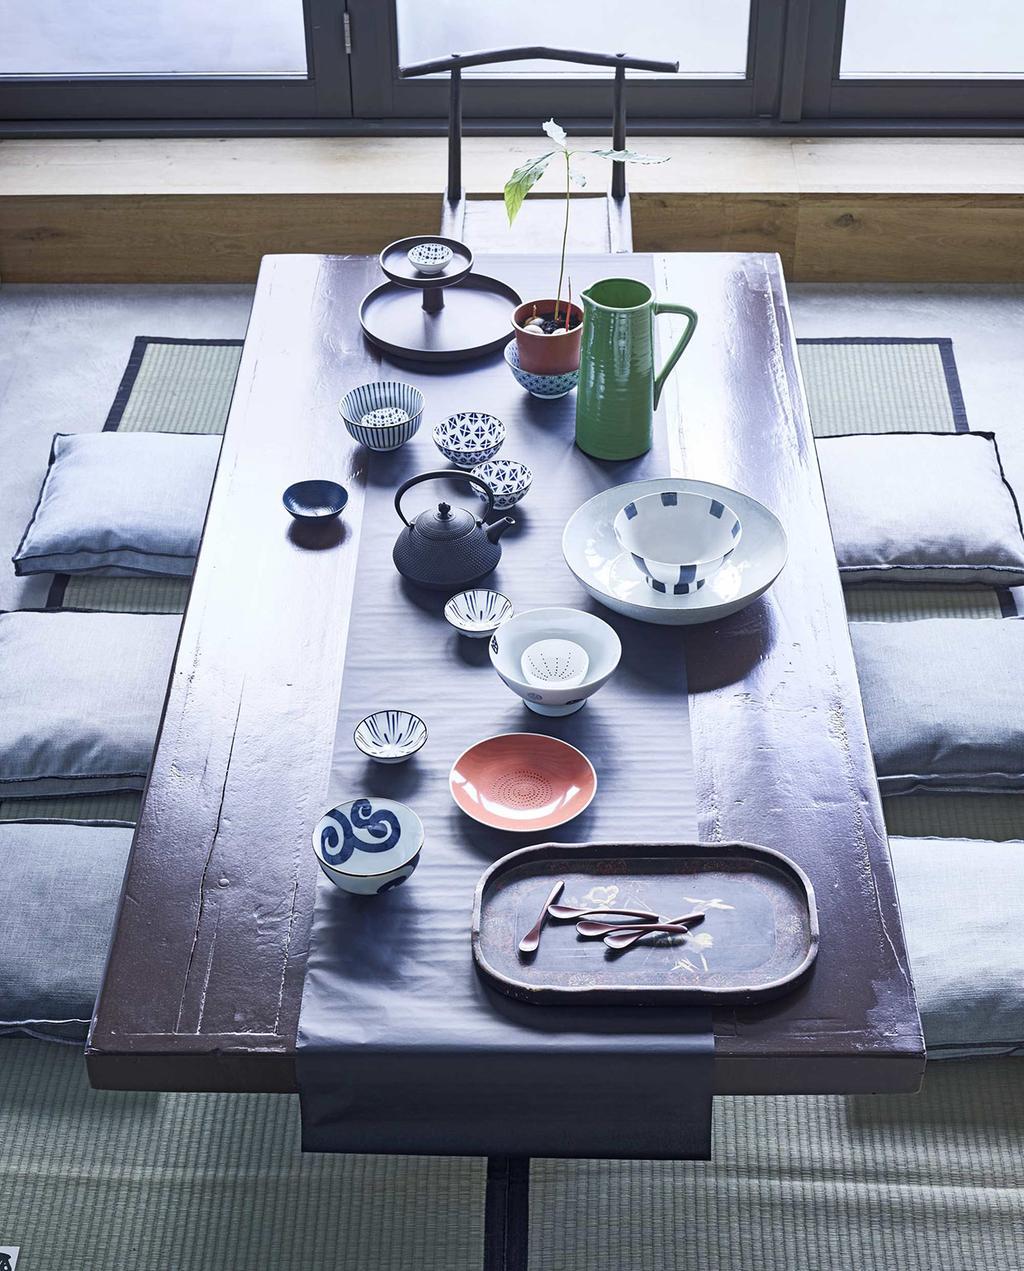 vtwonen 05-2016 | tafel met servies, style Japan